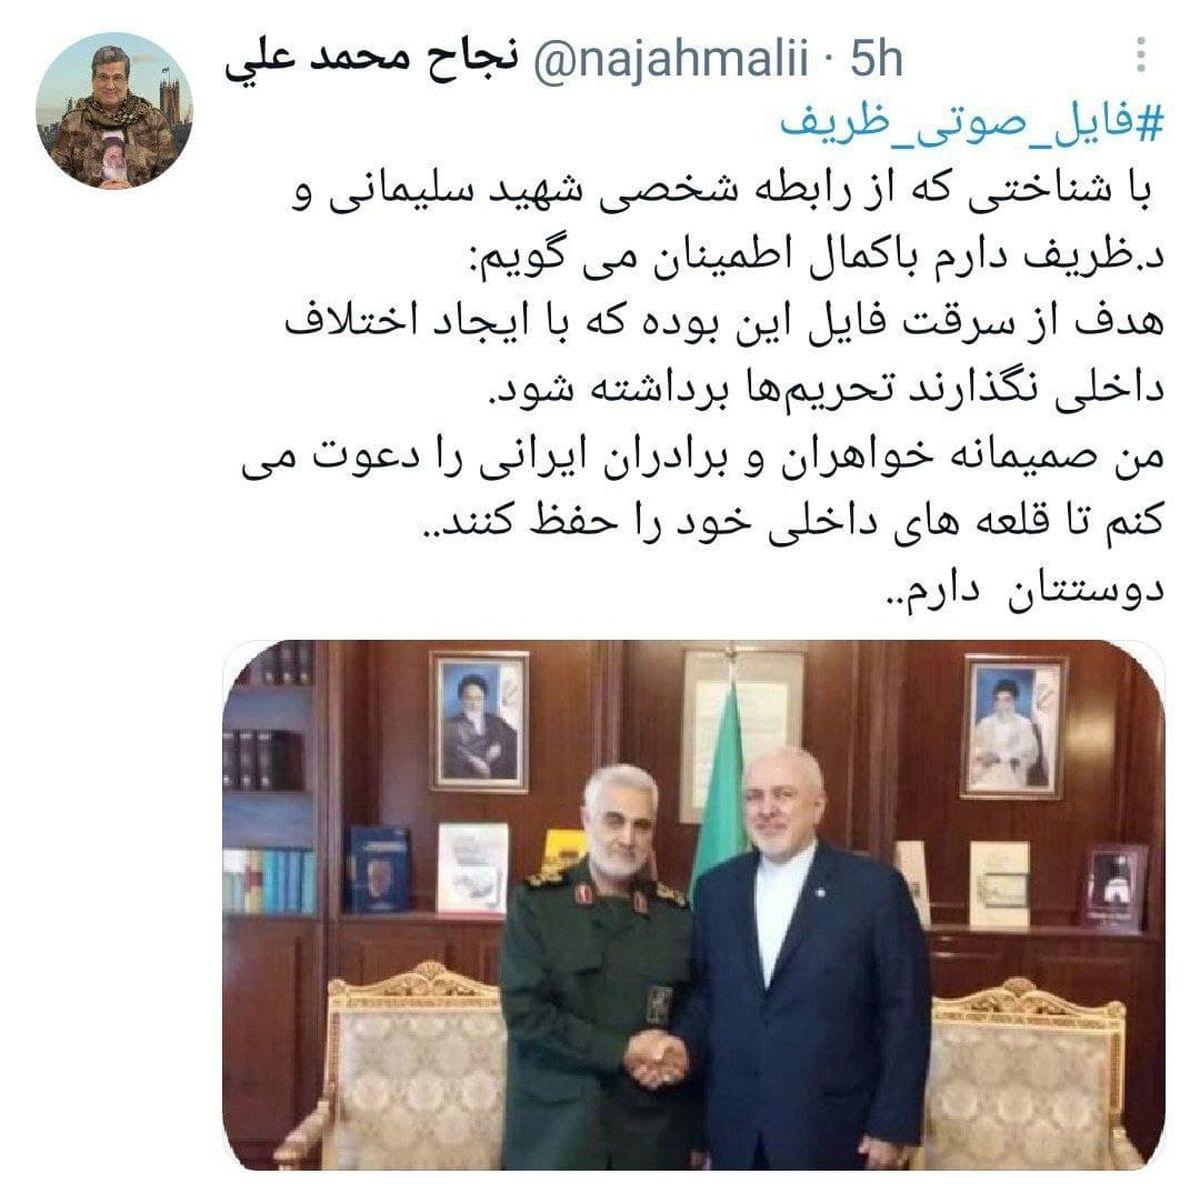 واکنش تحلیلگر برجسته عراقی به لو رفتن فایل صوتی ظریف